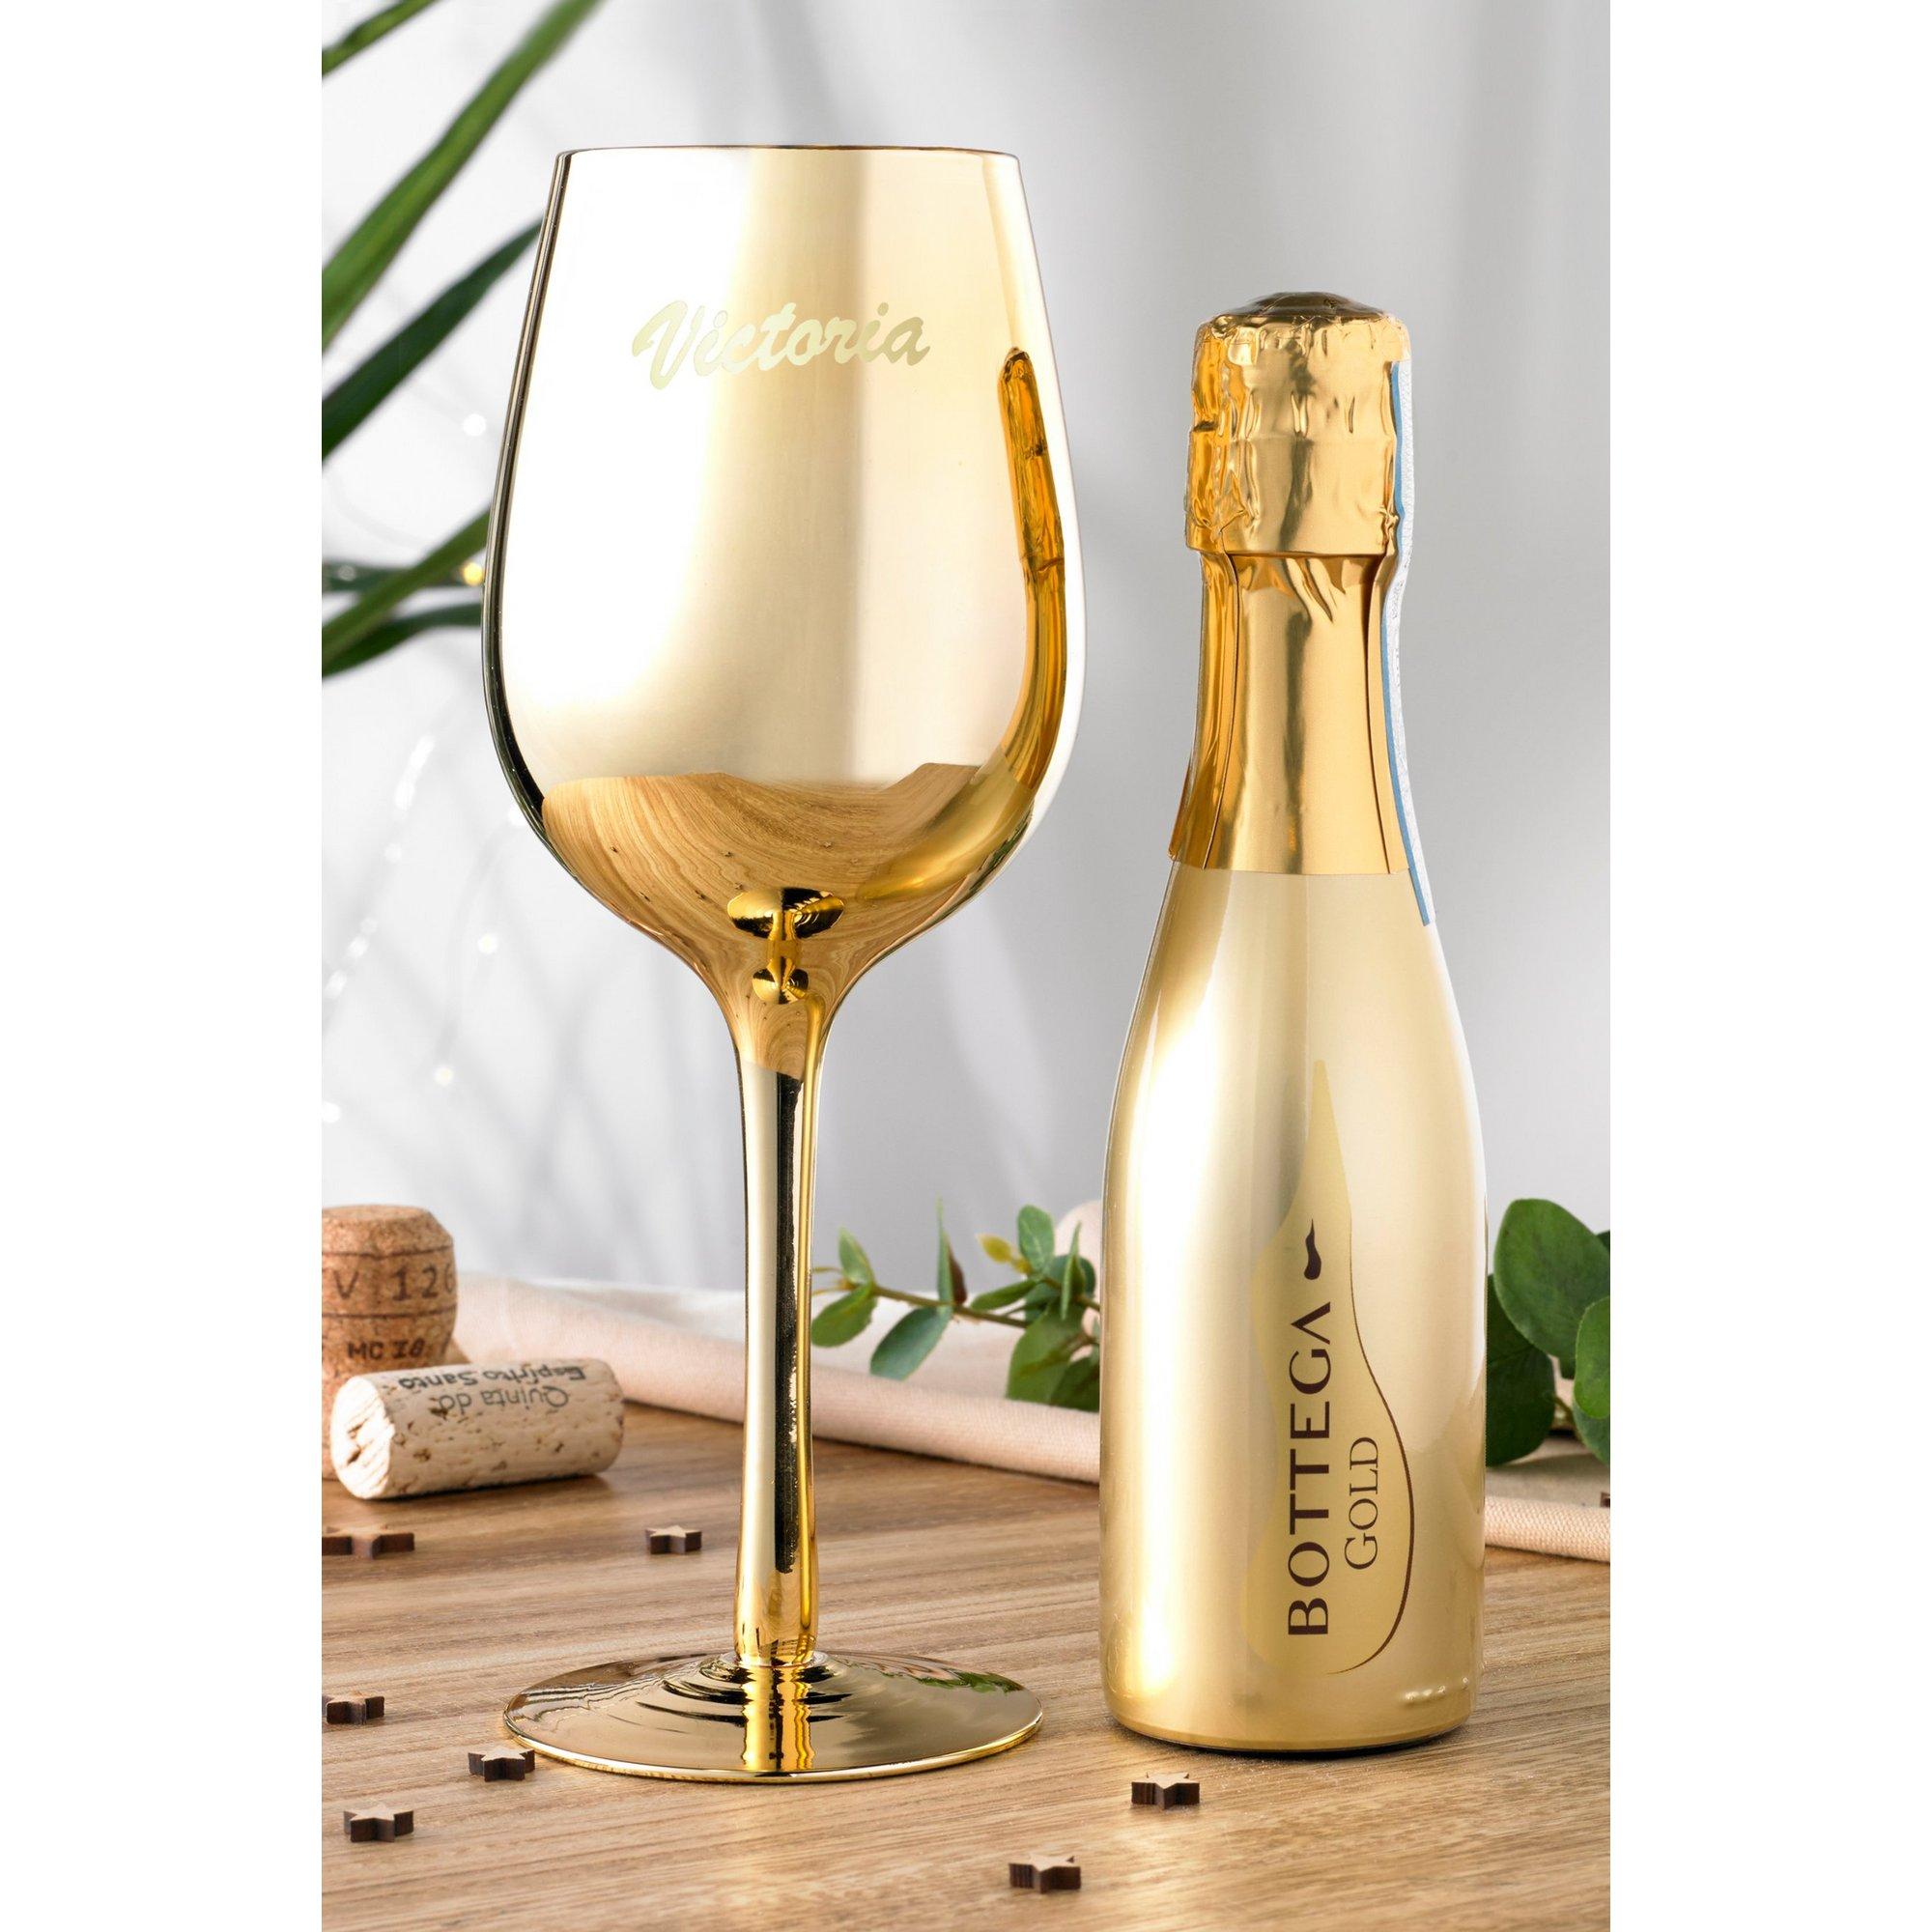 Image of Personalised Bottega Gold Set